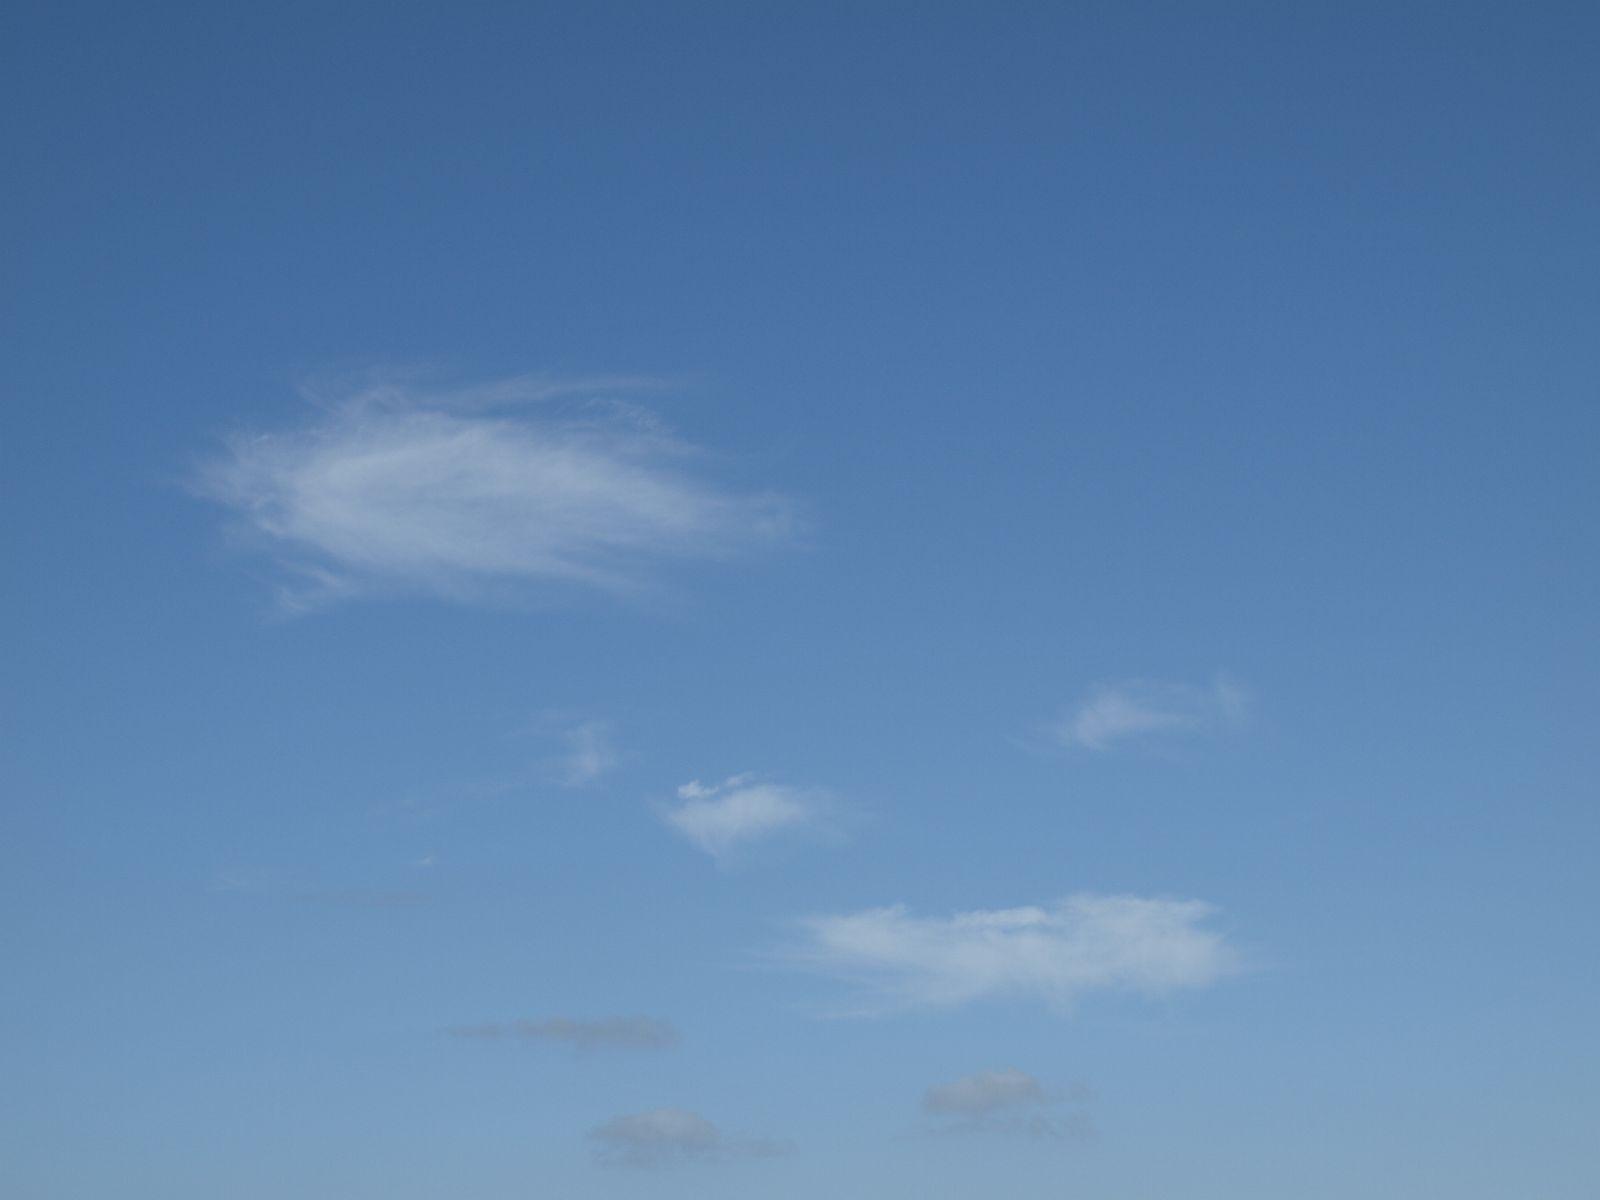 Himmel-Wolken-Foto_Textur_A_P5244879